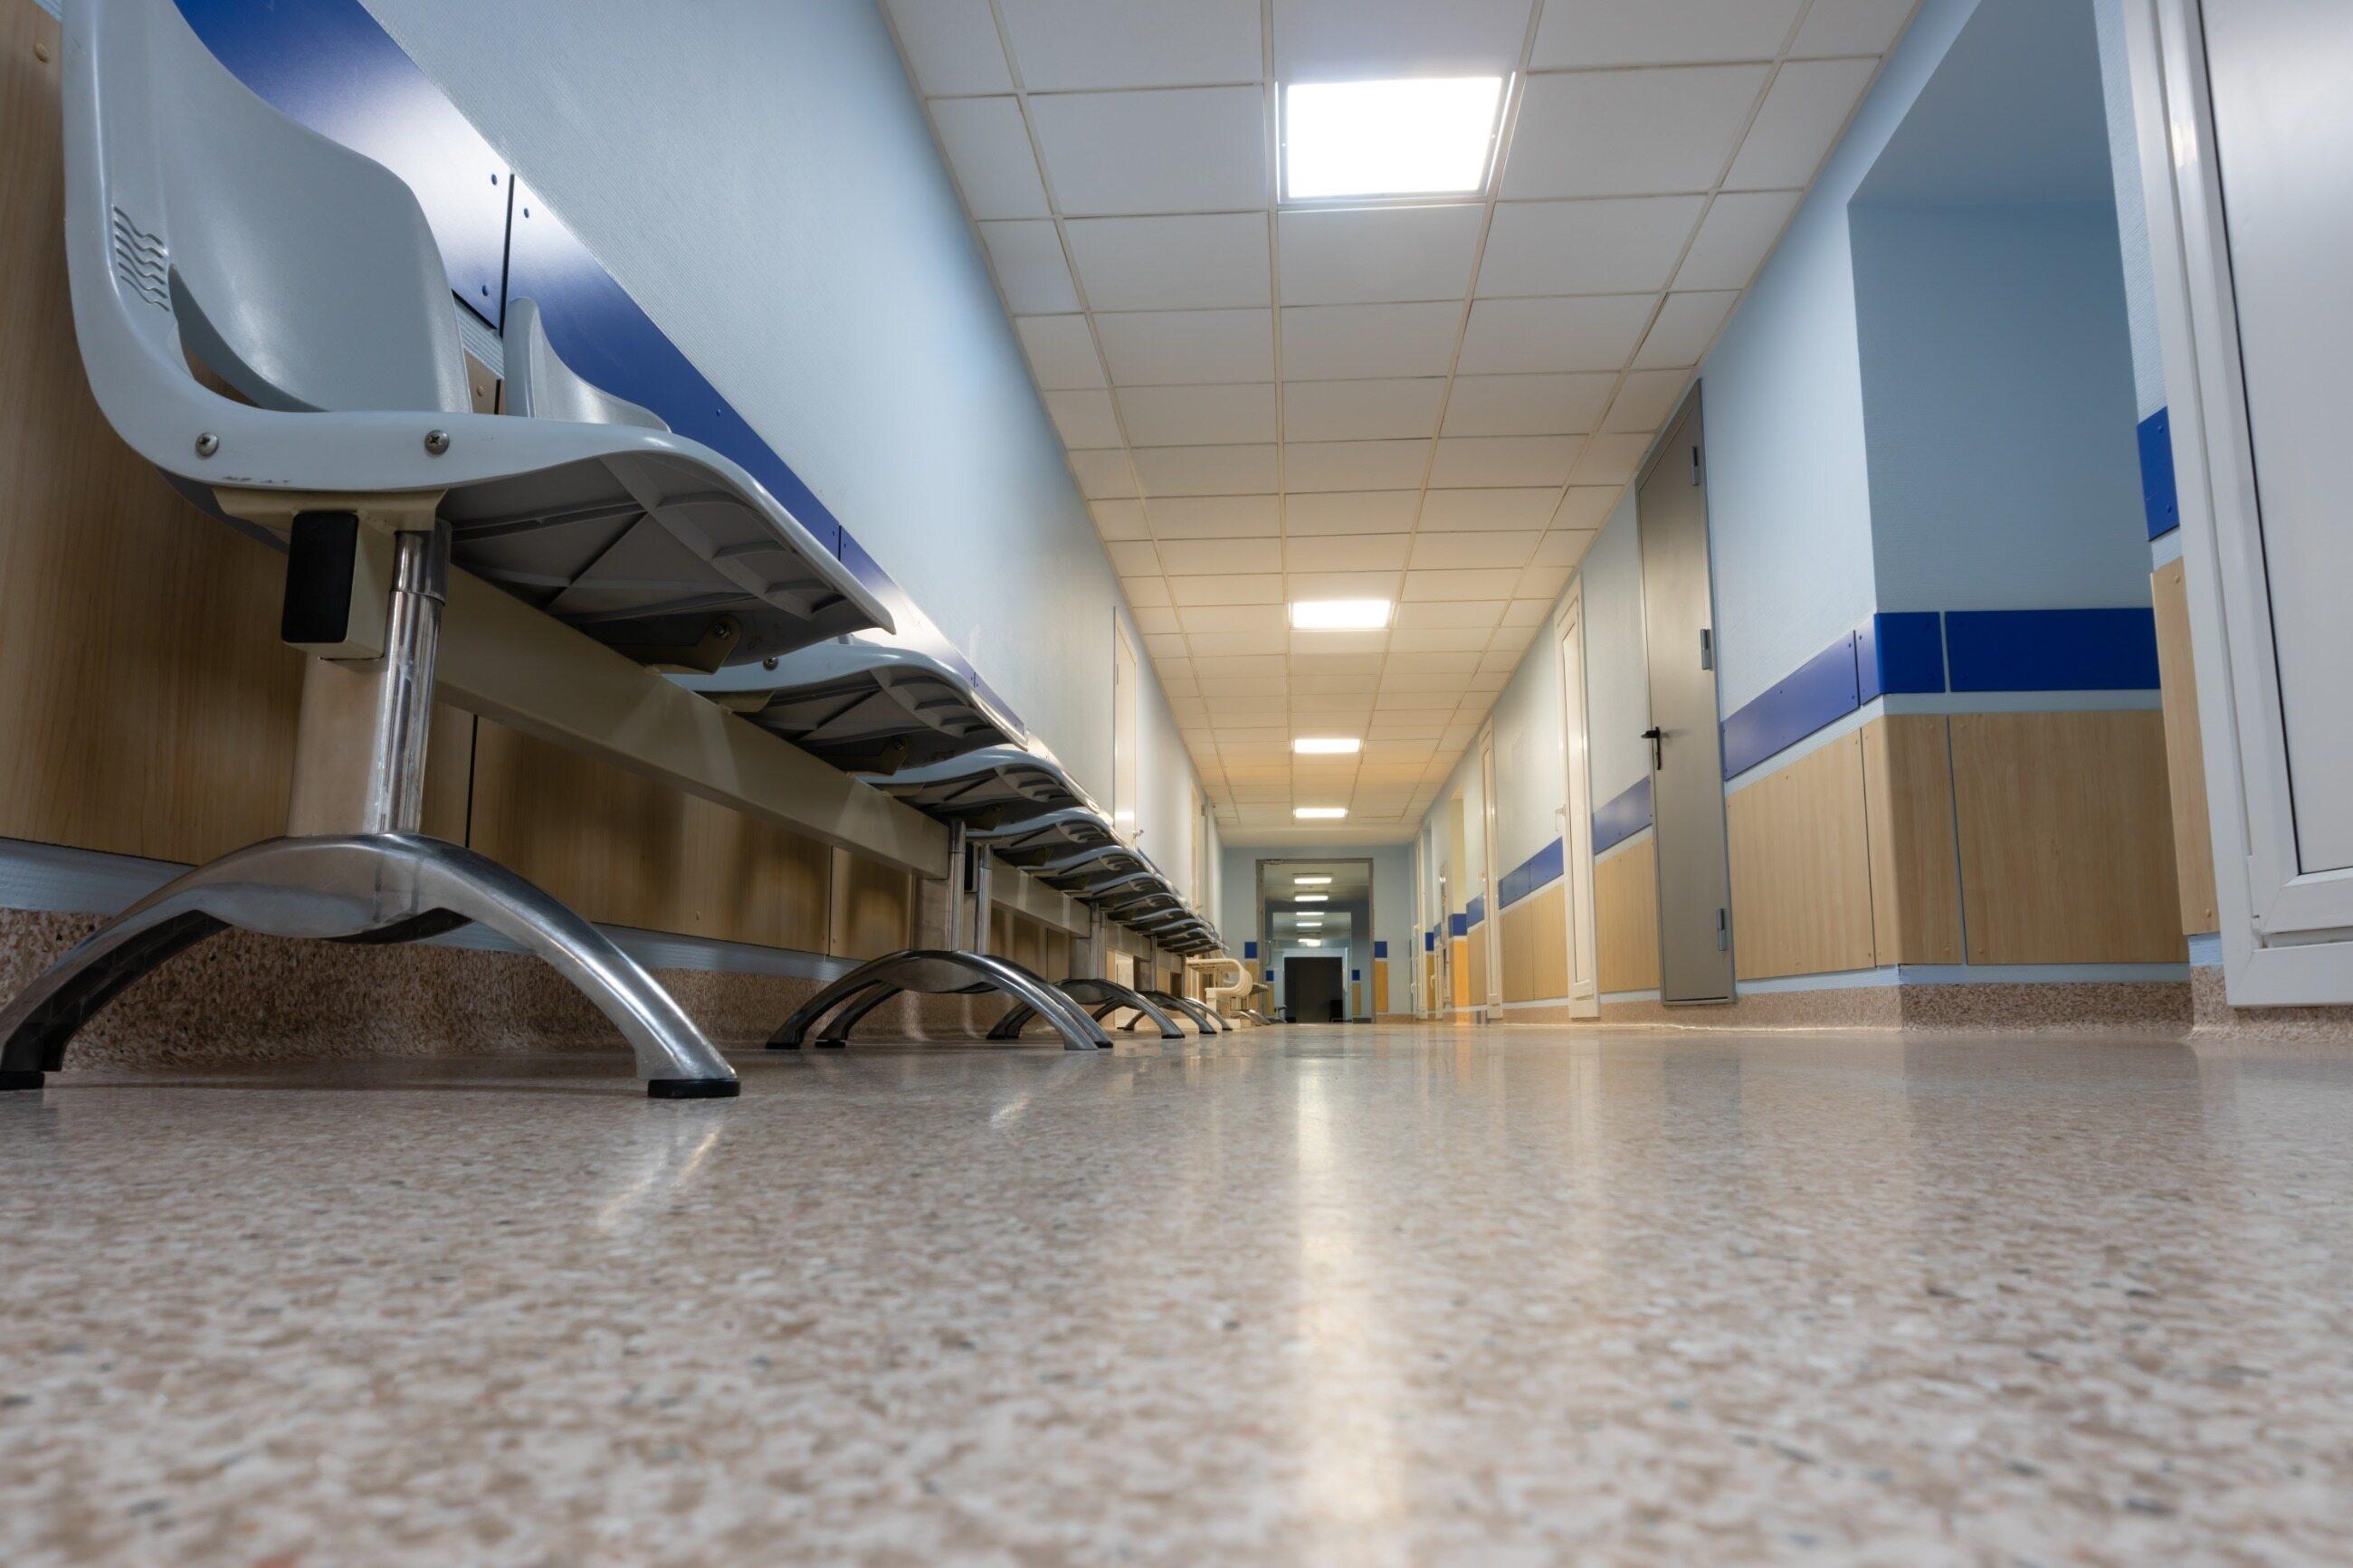 Szpitalna poczekalnia, zdjęcie ilustracyjne